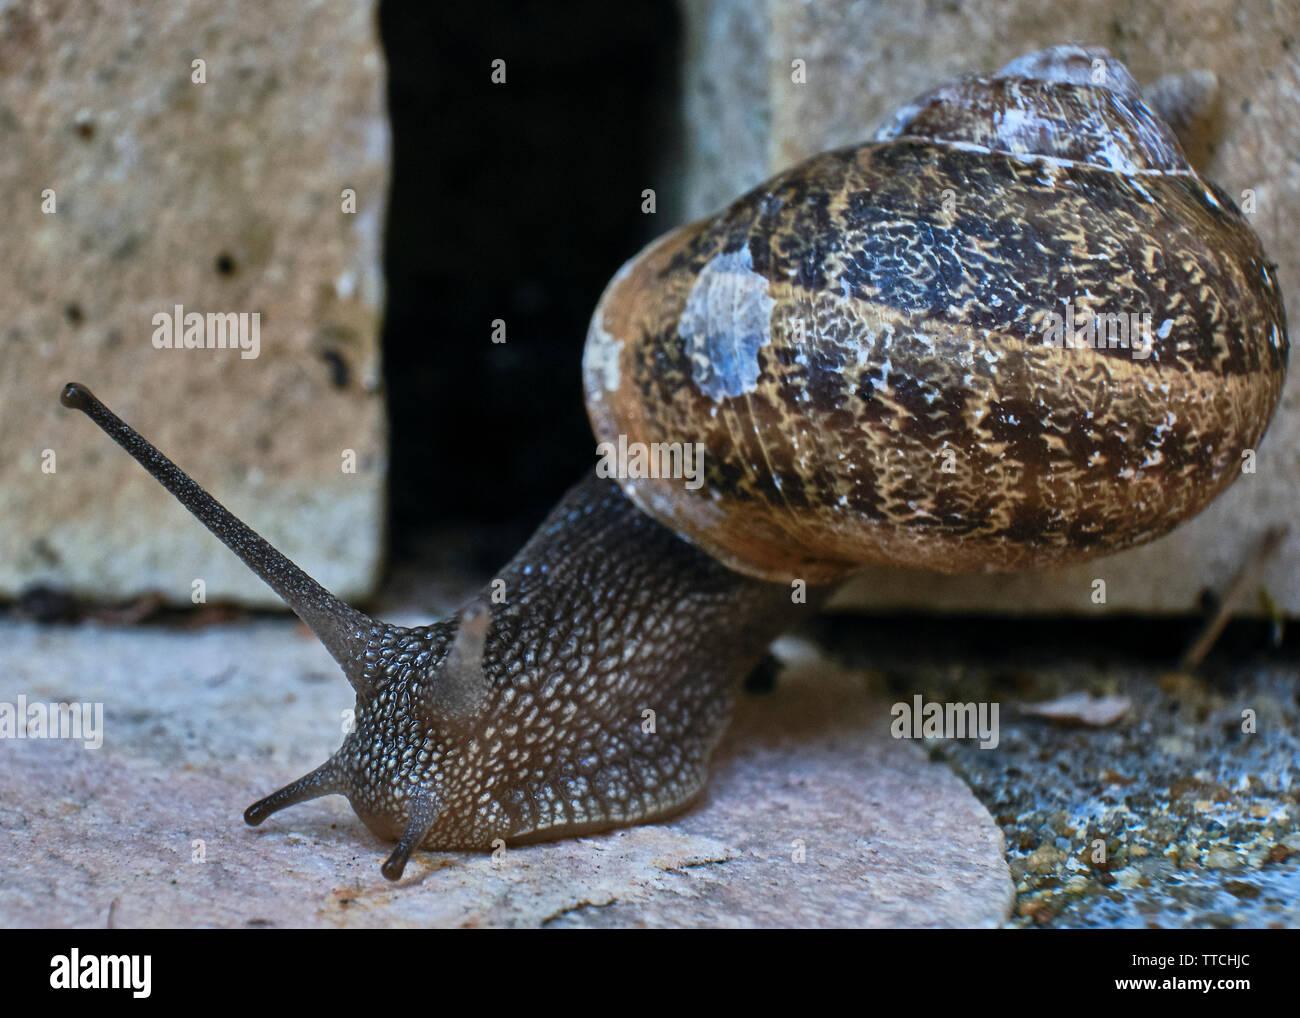 Cerrar Foto de un caracol de jardín común arrastrándose sobre un ladrillo de piedra Foto de stock